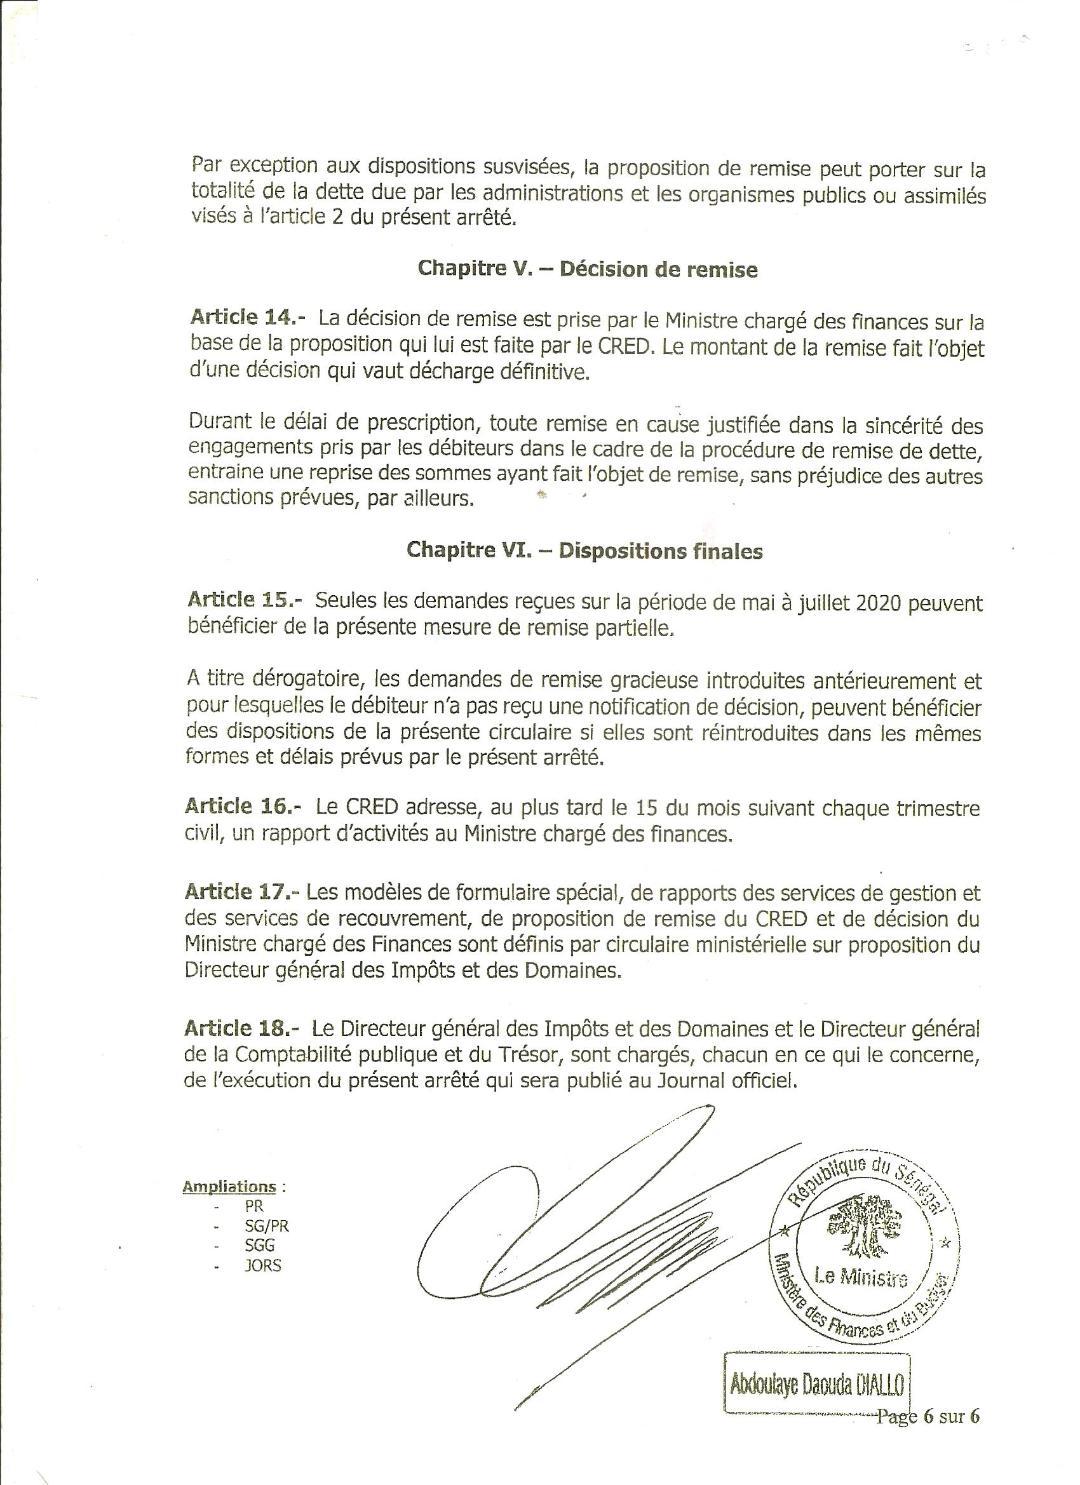 Impacté de la Covid 19/ Fin de l'Ordonnance Présidentielle: Les services des Impôts avec des ATD, bloquent les comptes des hôteliers, le Ministre du tourisme aphone